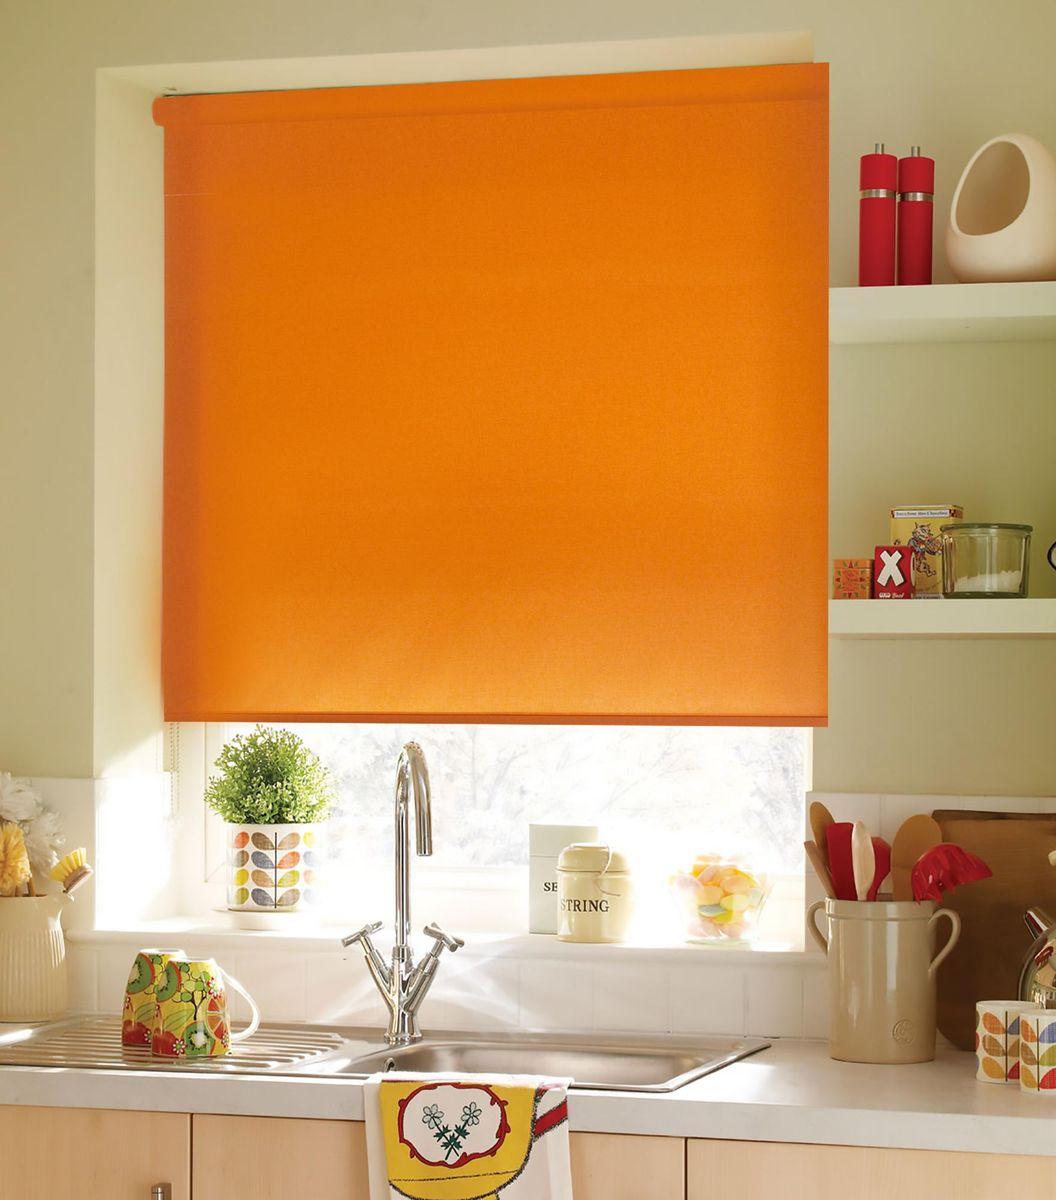 Штора рулонная Эскар, цвет: апельсиновый, ширина 60 см, высота 170 см81203060170Рулонными шторами можно оформлять окна как самостоятельно, так и использовать в комбинации с портьерами. Это поможет предотвратить выгорание дорогой ткани на солнце и соединит функционал рулонных с красотой навесных.Преимущества применения рулонных штор для пластиковых окон:- имеют прекрасный внешний вид: многообразие и фактурность материала изделия отлично смотрятся в любом интерьере; - многофункциональны: есть возможность подобрать шторы способные эффективно защитить комнату от солнца, при этом о на не будет слишком темной. - Есть возможность осуществить быстрый монтаж. ВНИМАНИЕ! Размеры ширины изделия указаны по ширине ткани!Во время эксплуатации не рекомендуется полностью разматывать рулон, чтобы не оторвать ткань от намоточного вала.В случае загрязнения поверхности ткани, чистку шторы проводят одним из способов, в зависимости от типа загрязнения: легкое поверхностное загрязнение можно удалить при помощи канцелярского ластика; чистка от пыли производится сухим методом при помощи пылесоса с мягкой щеткой-насадкой; для удаления пятна используйте мягкую губку с пенообразующим неагрессивным моющим средством или пятновыводитель на натуральной основе (нельзя применять растворители)